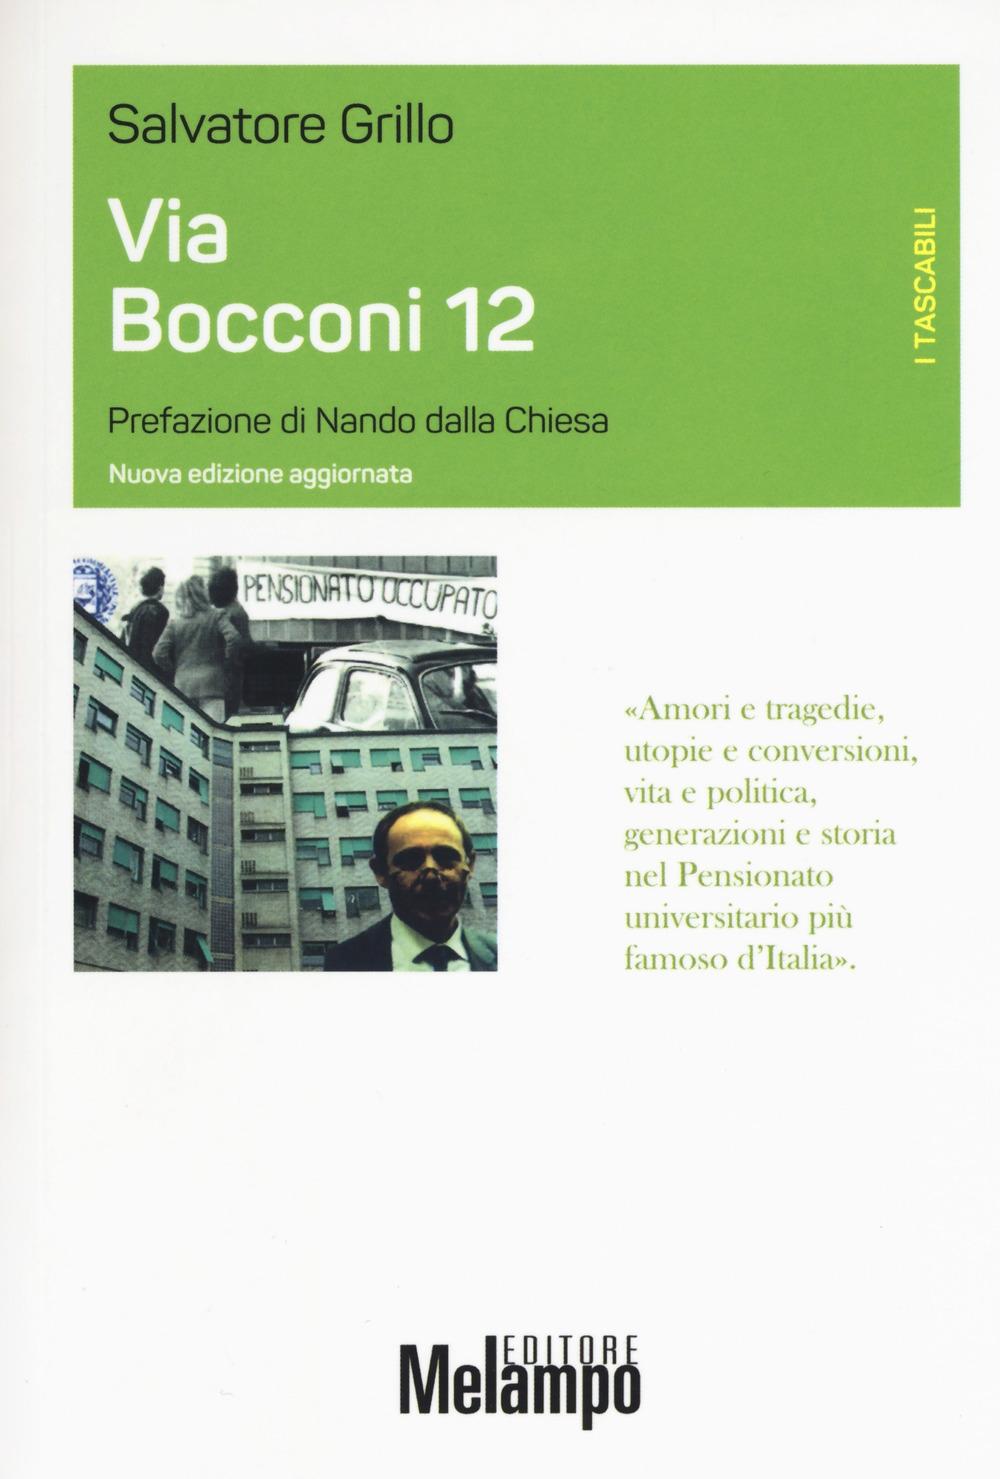 Via Bocconi 12. Amori e tragedie, utopie e conversioni, vita politica, generazioni e storia nel Pensionato universitario più famoso d'italia